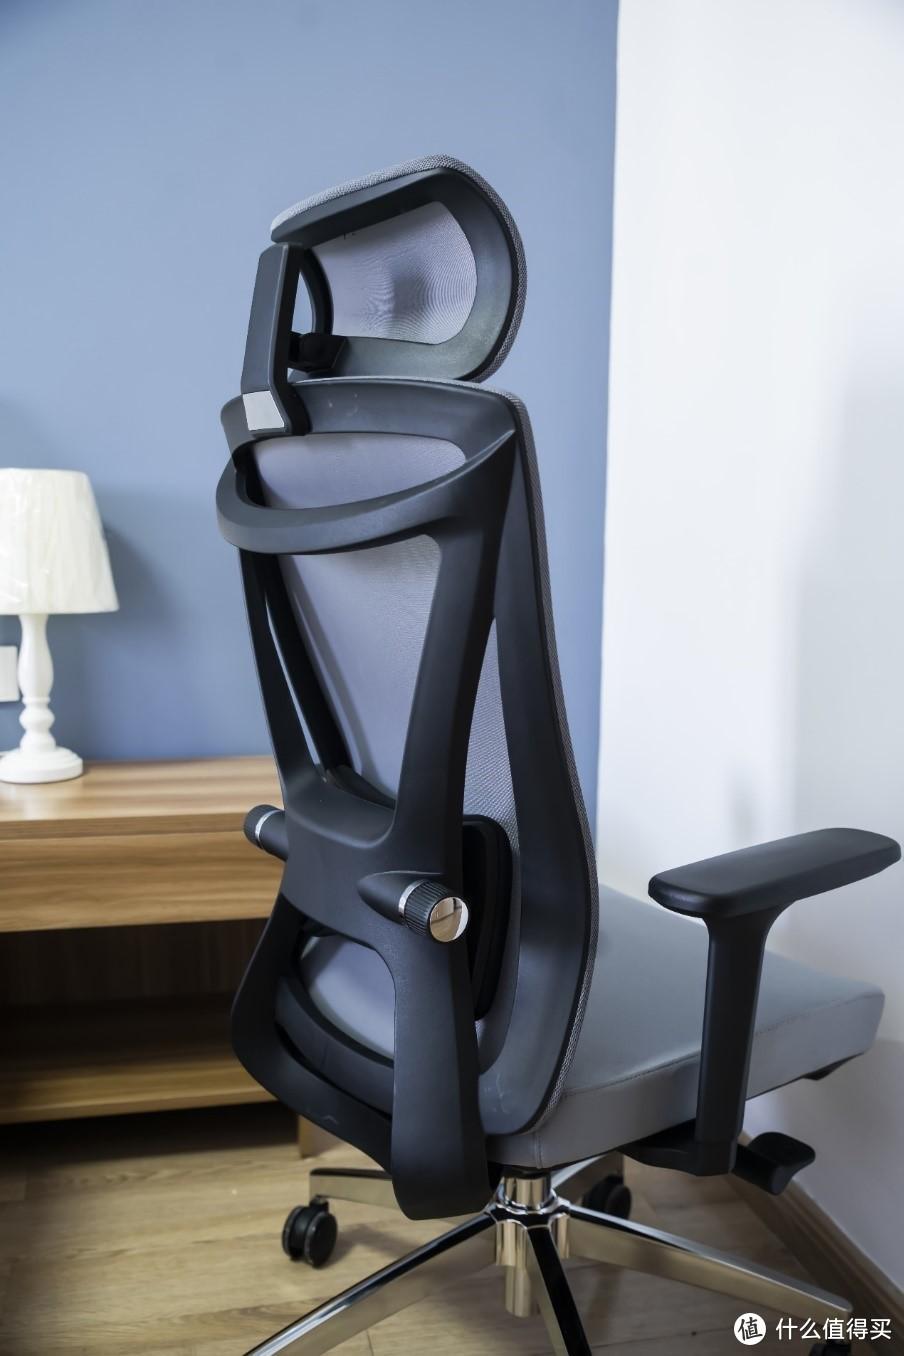 永艺人体工学椅选购原则和推荐清单